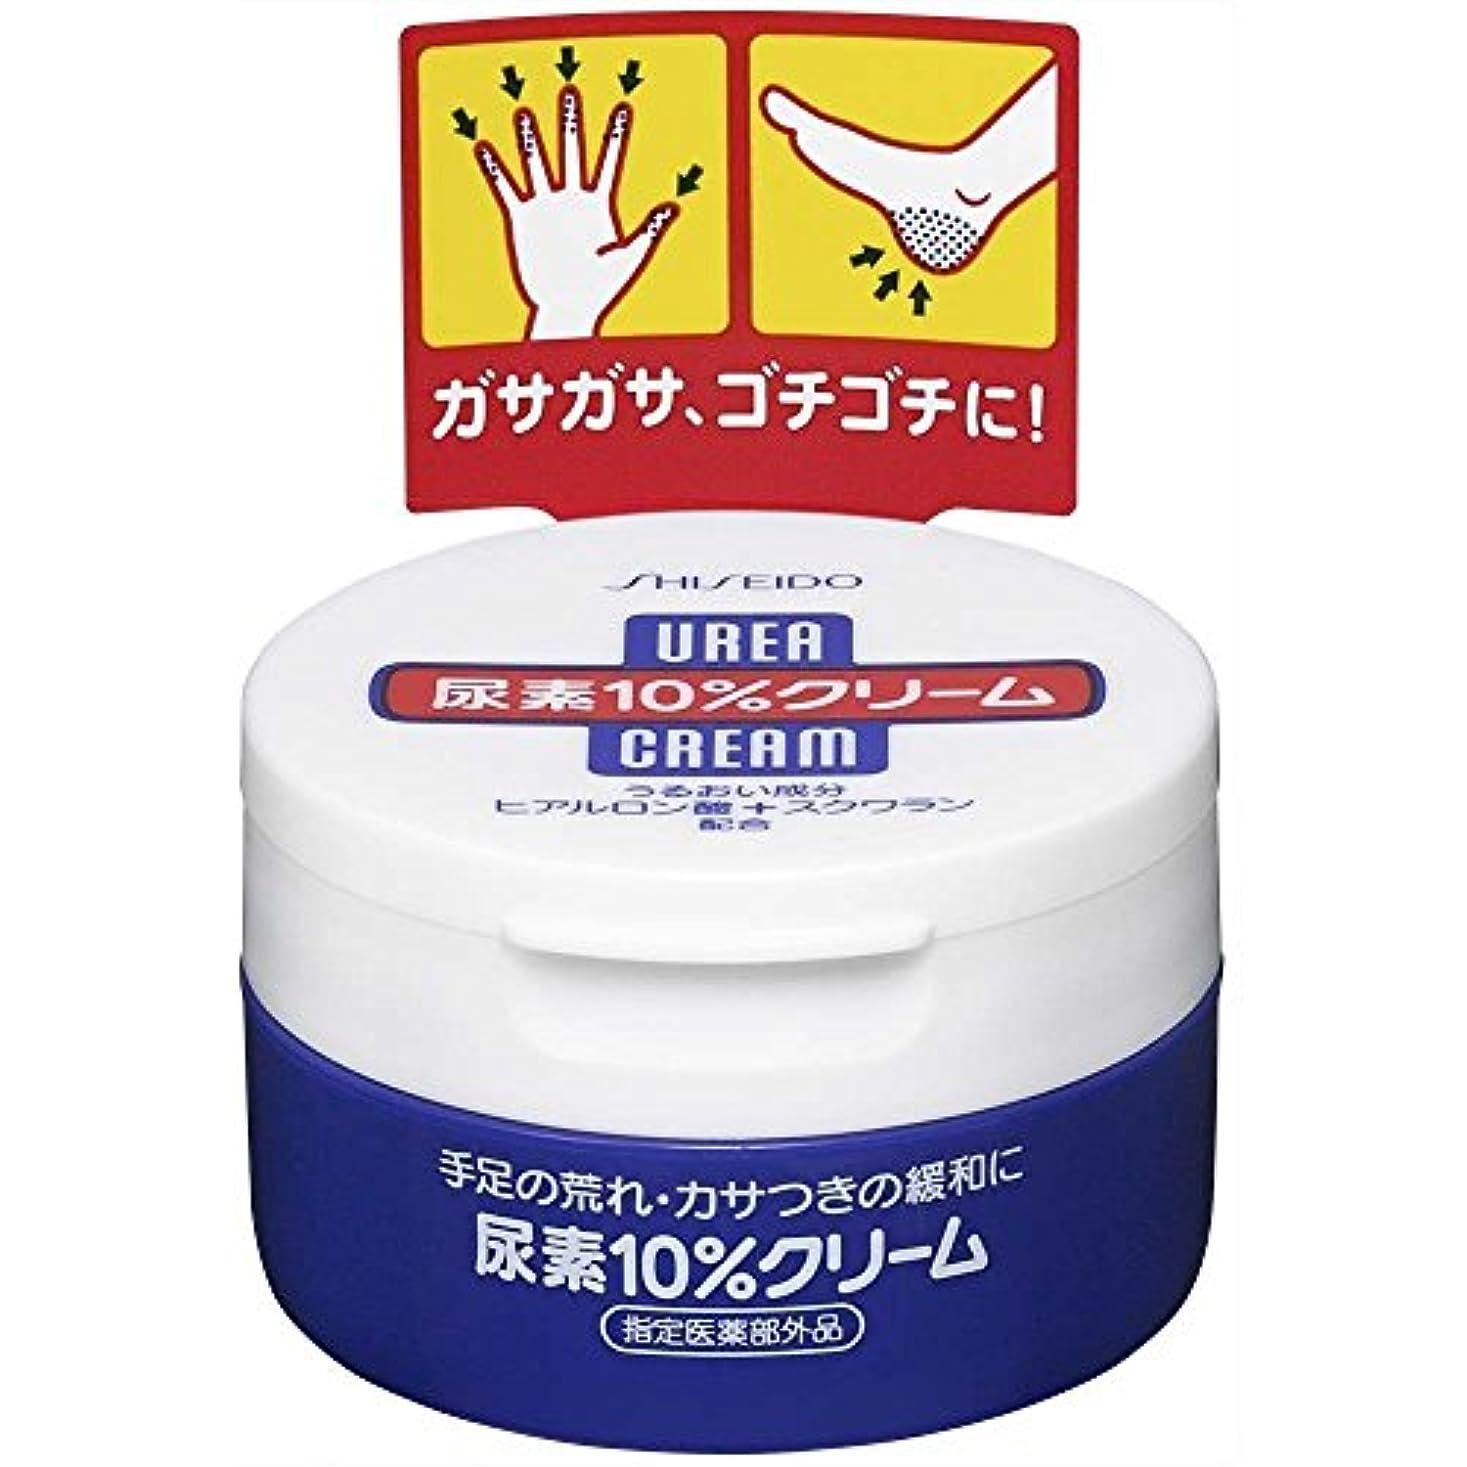 ライムアナログ過去資生堂 尿素10%クリーム 100g(医薬部外品)